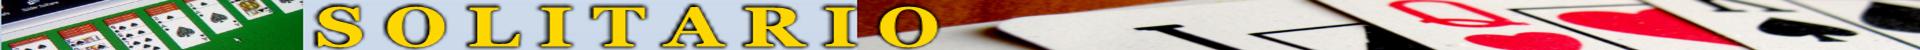 Solitario: Solitario Spider, Freecell e jogos de cartas grátis